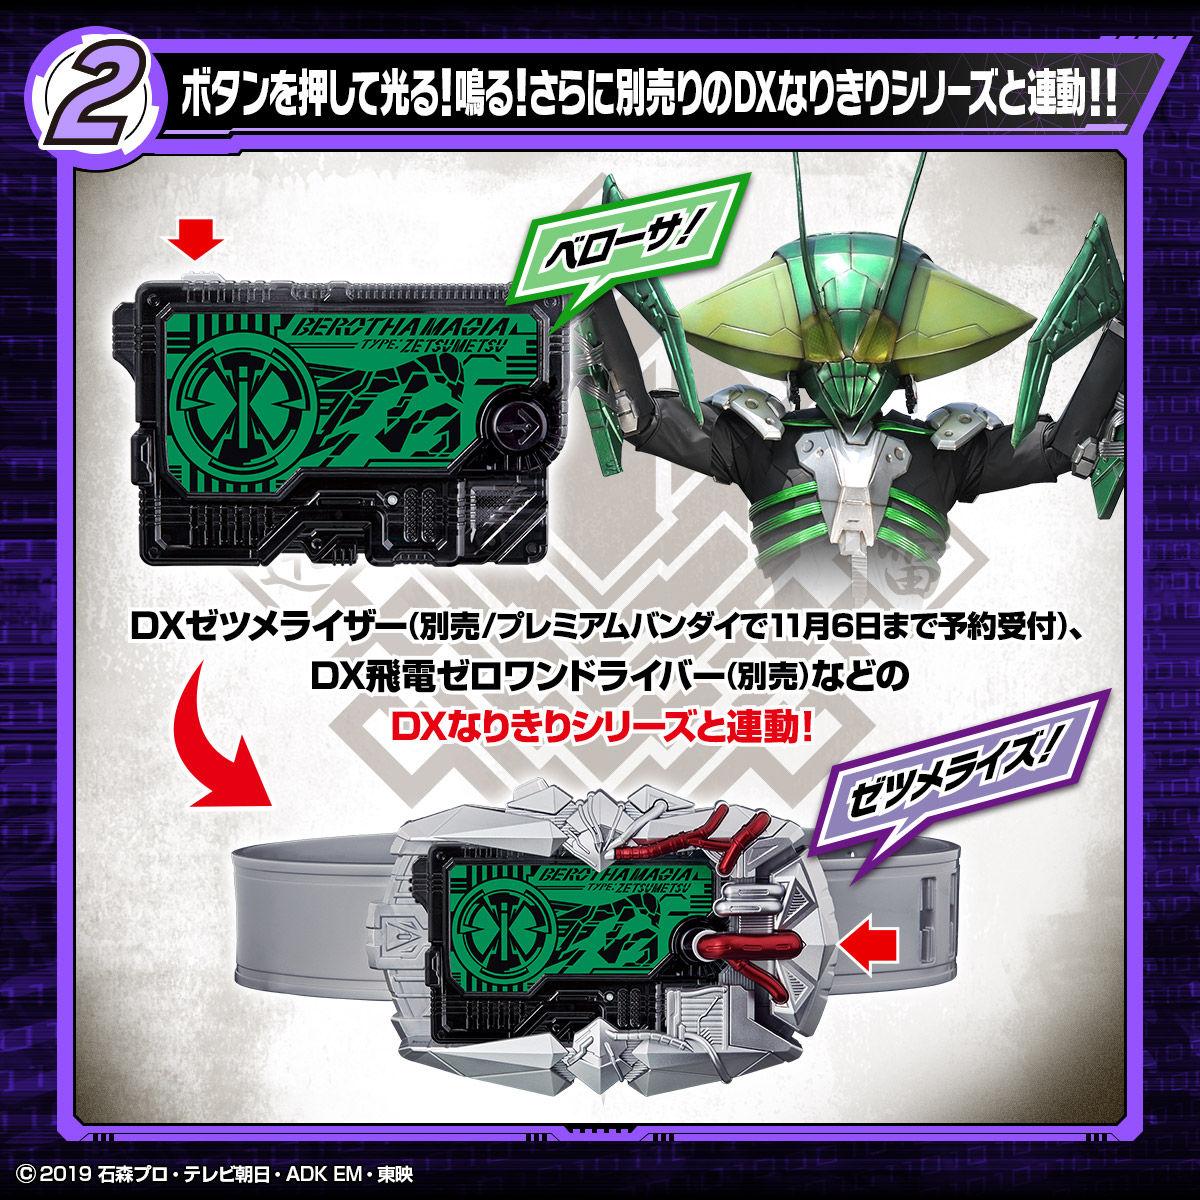 【限定販売】仮面ライダーゼロワン『DXゼツメライズキーセット』変身なりきり-004